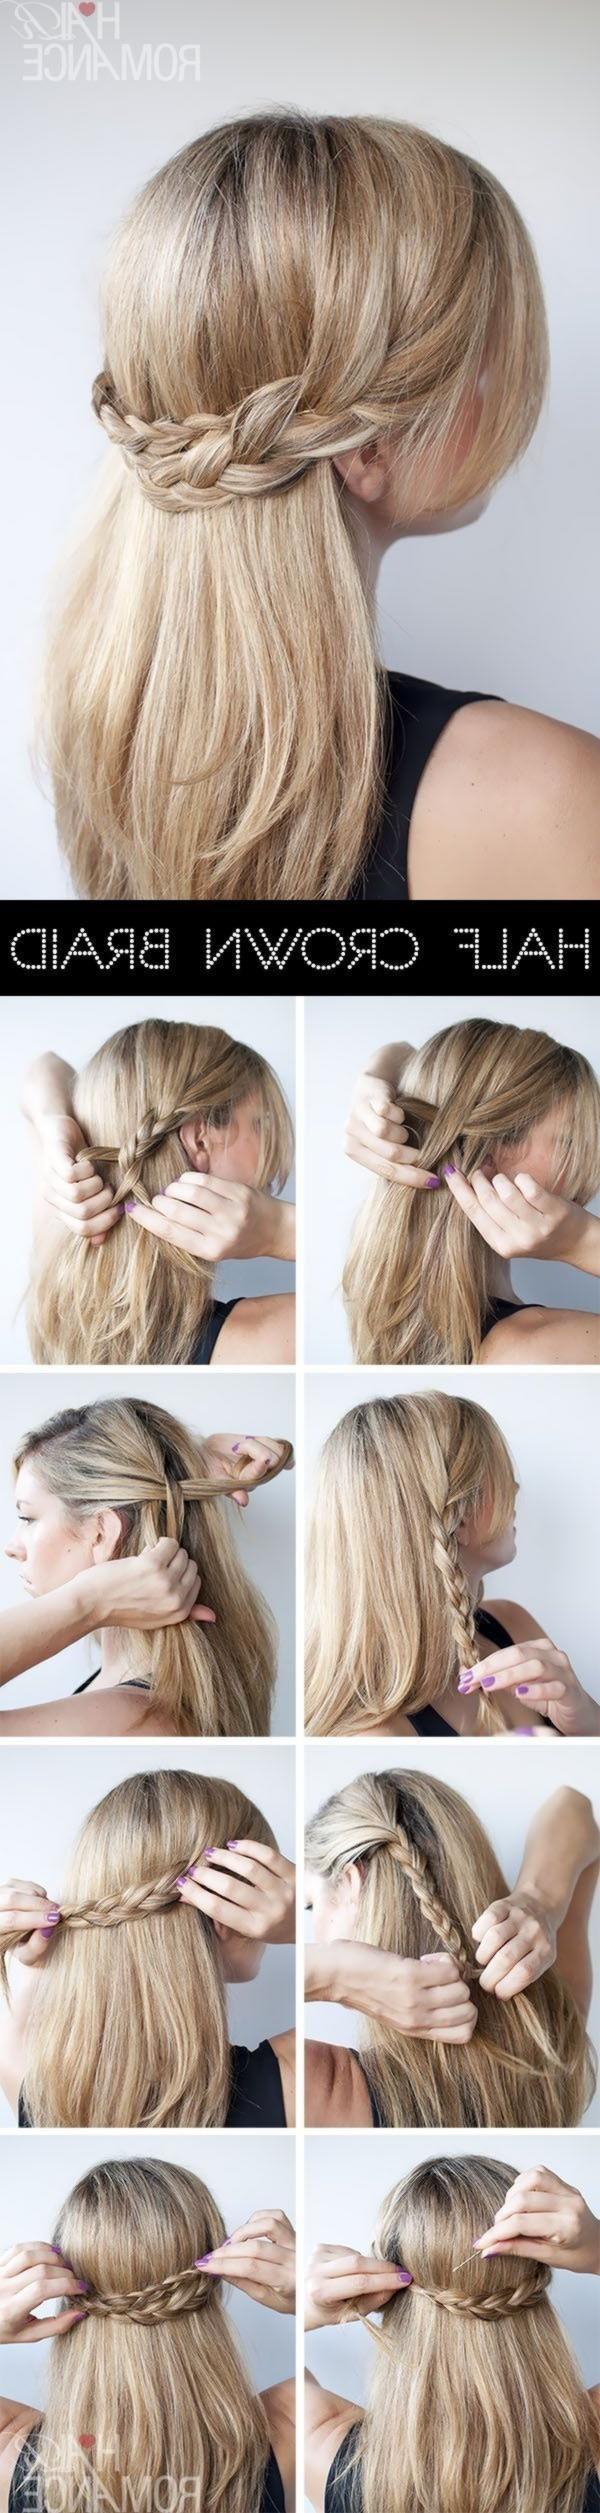 Toup Haare - Frisuren Haar - #Frisuren #Haar #Haare #Toup   - Blumenkranz Haare ...